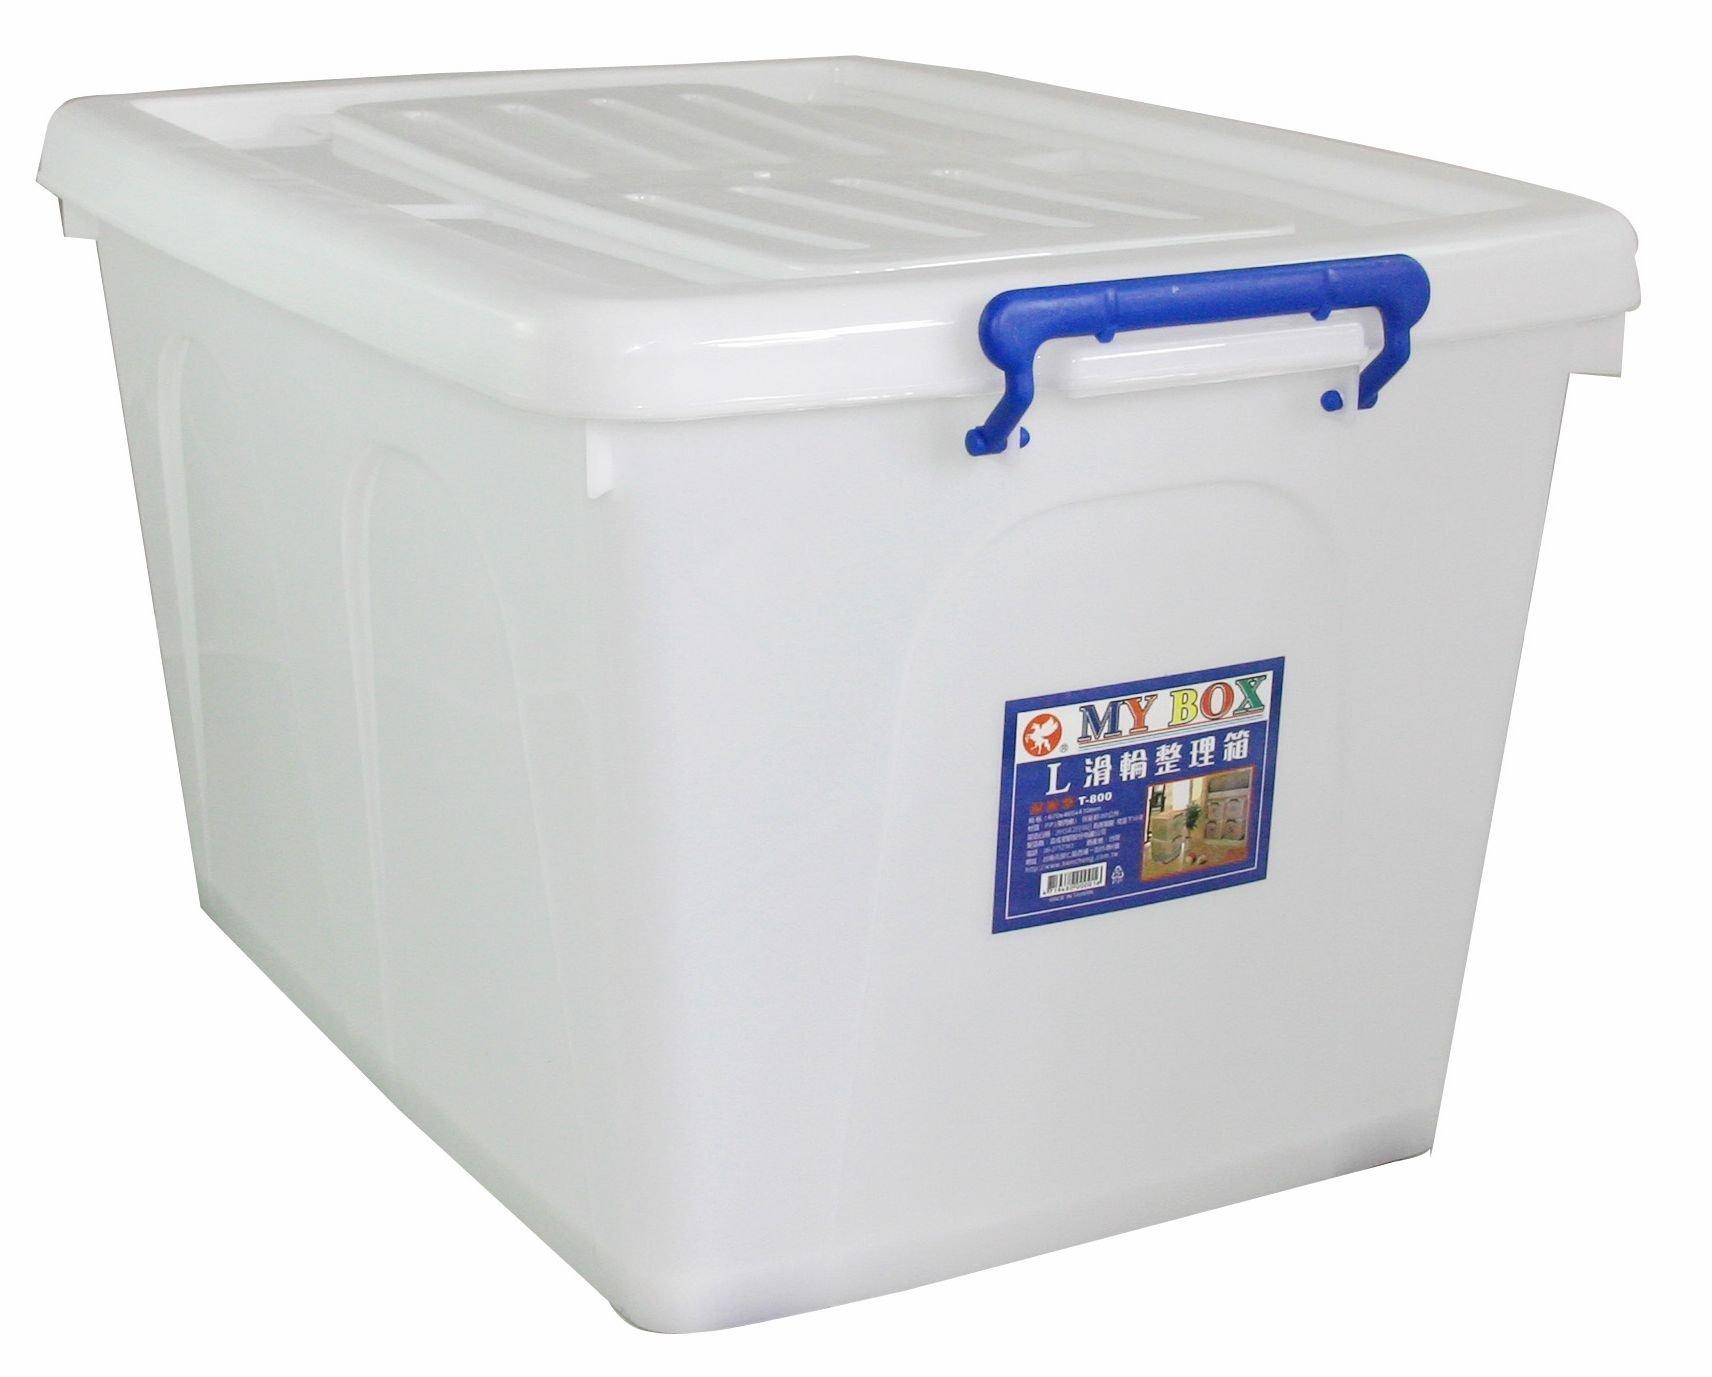 哈哈商城 T- 600 滑輪 整理箱 ~ 收納 搬家 居家 具 衣物 廚具 餐具 分類 活動 零件 機械 工具 文件